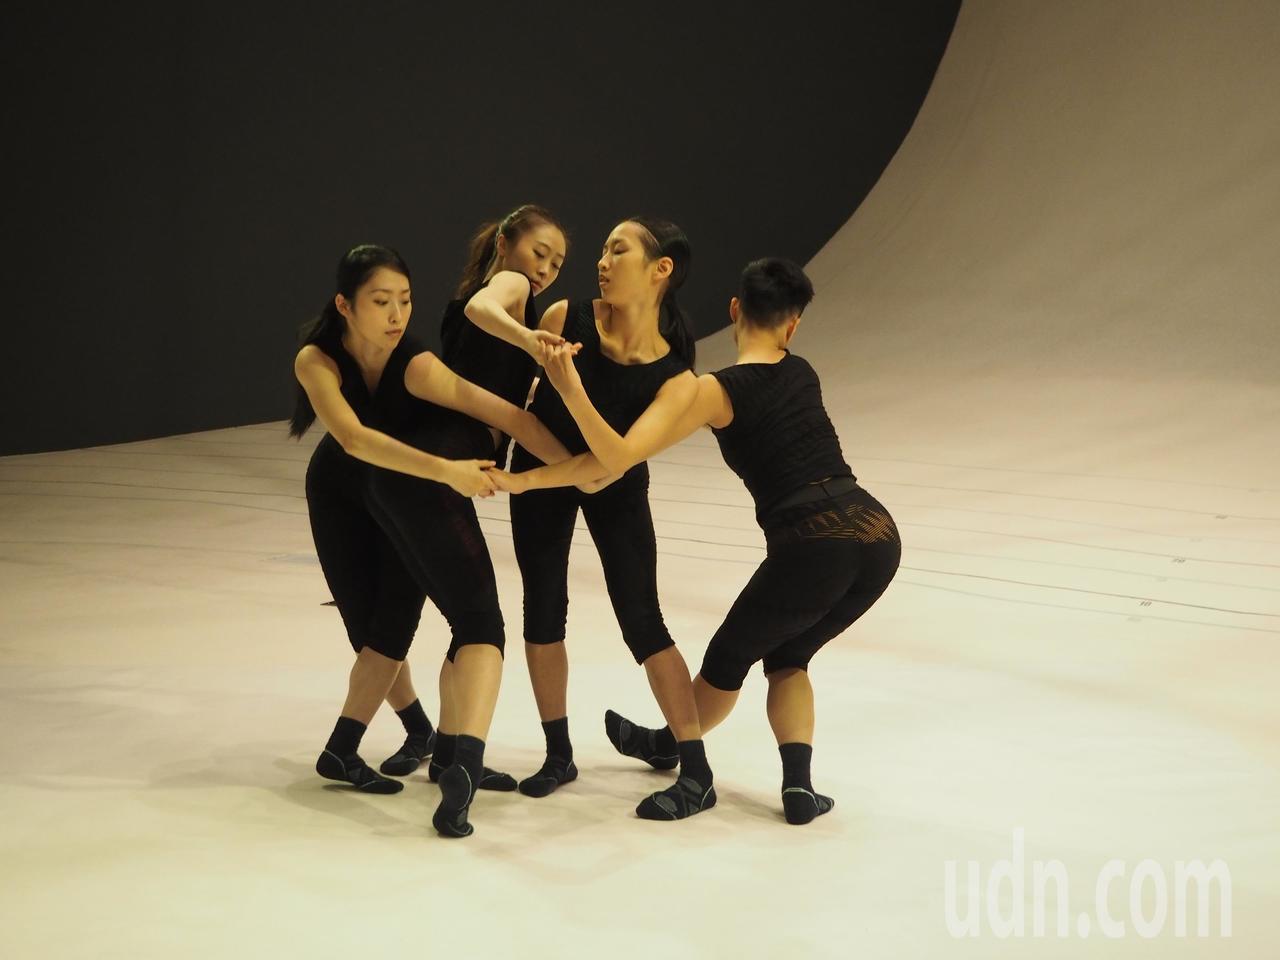 「驫舞劇場」的《自由步:沈浸式曲線》選擇在歌劇院凸凸廳演出,這是凸凸廳第一次變成...